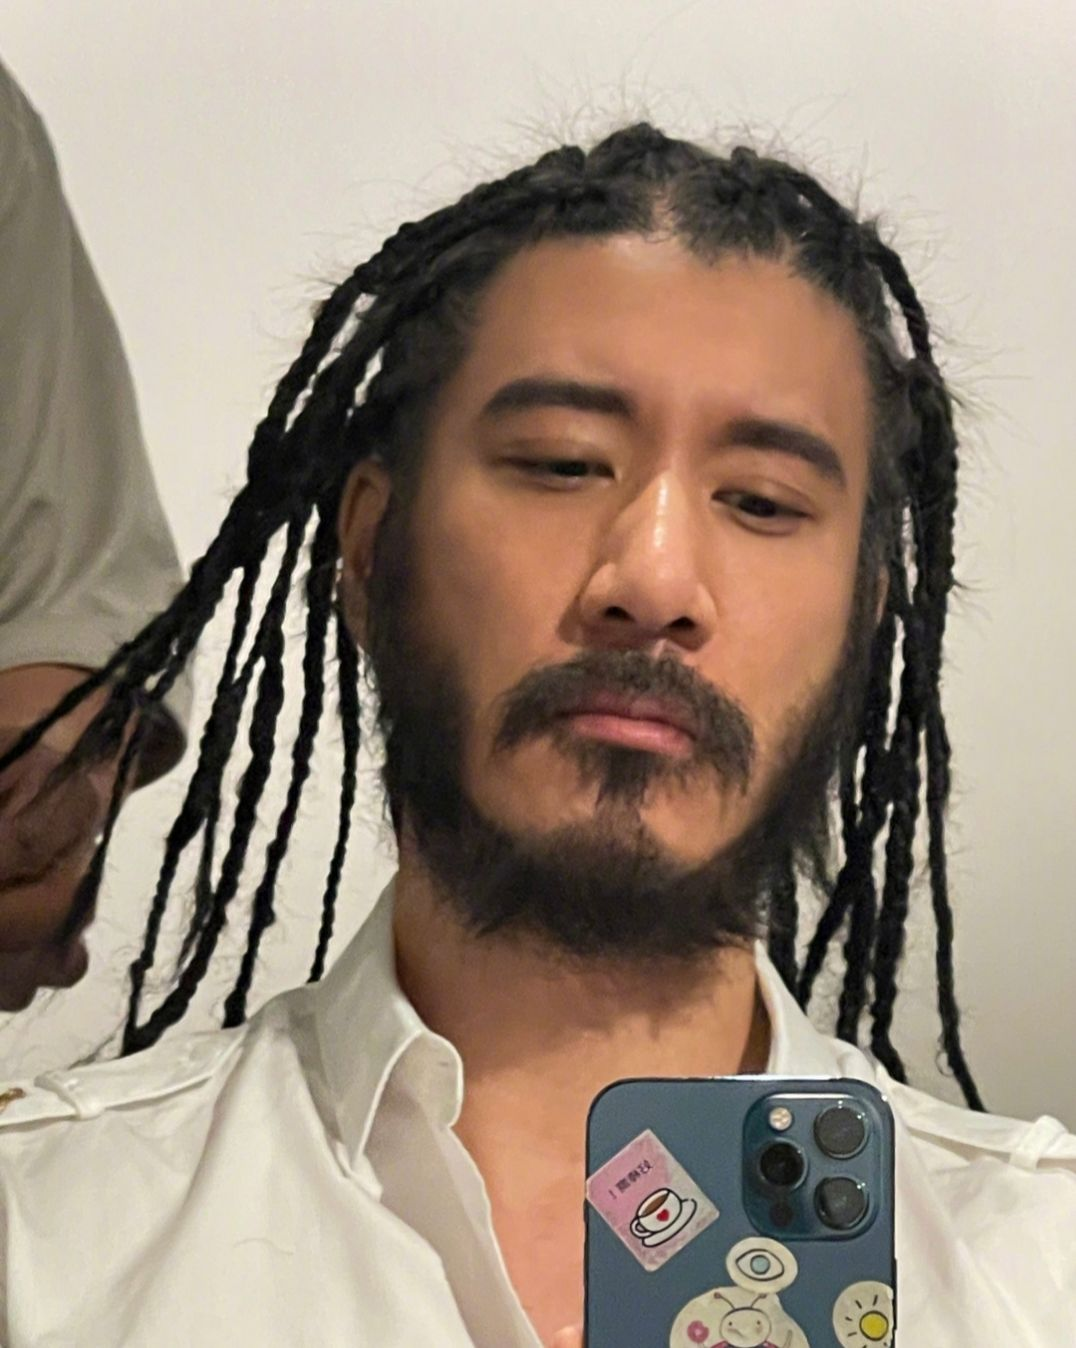 45岁王力宏也太狂野,痴迷脏辫和络腮胡,网友:逐渐基努里维斯化